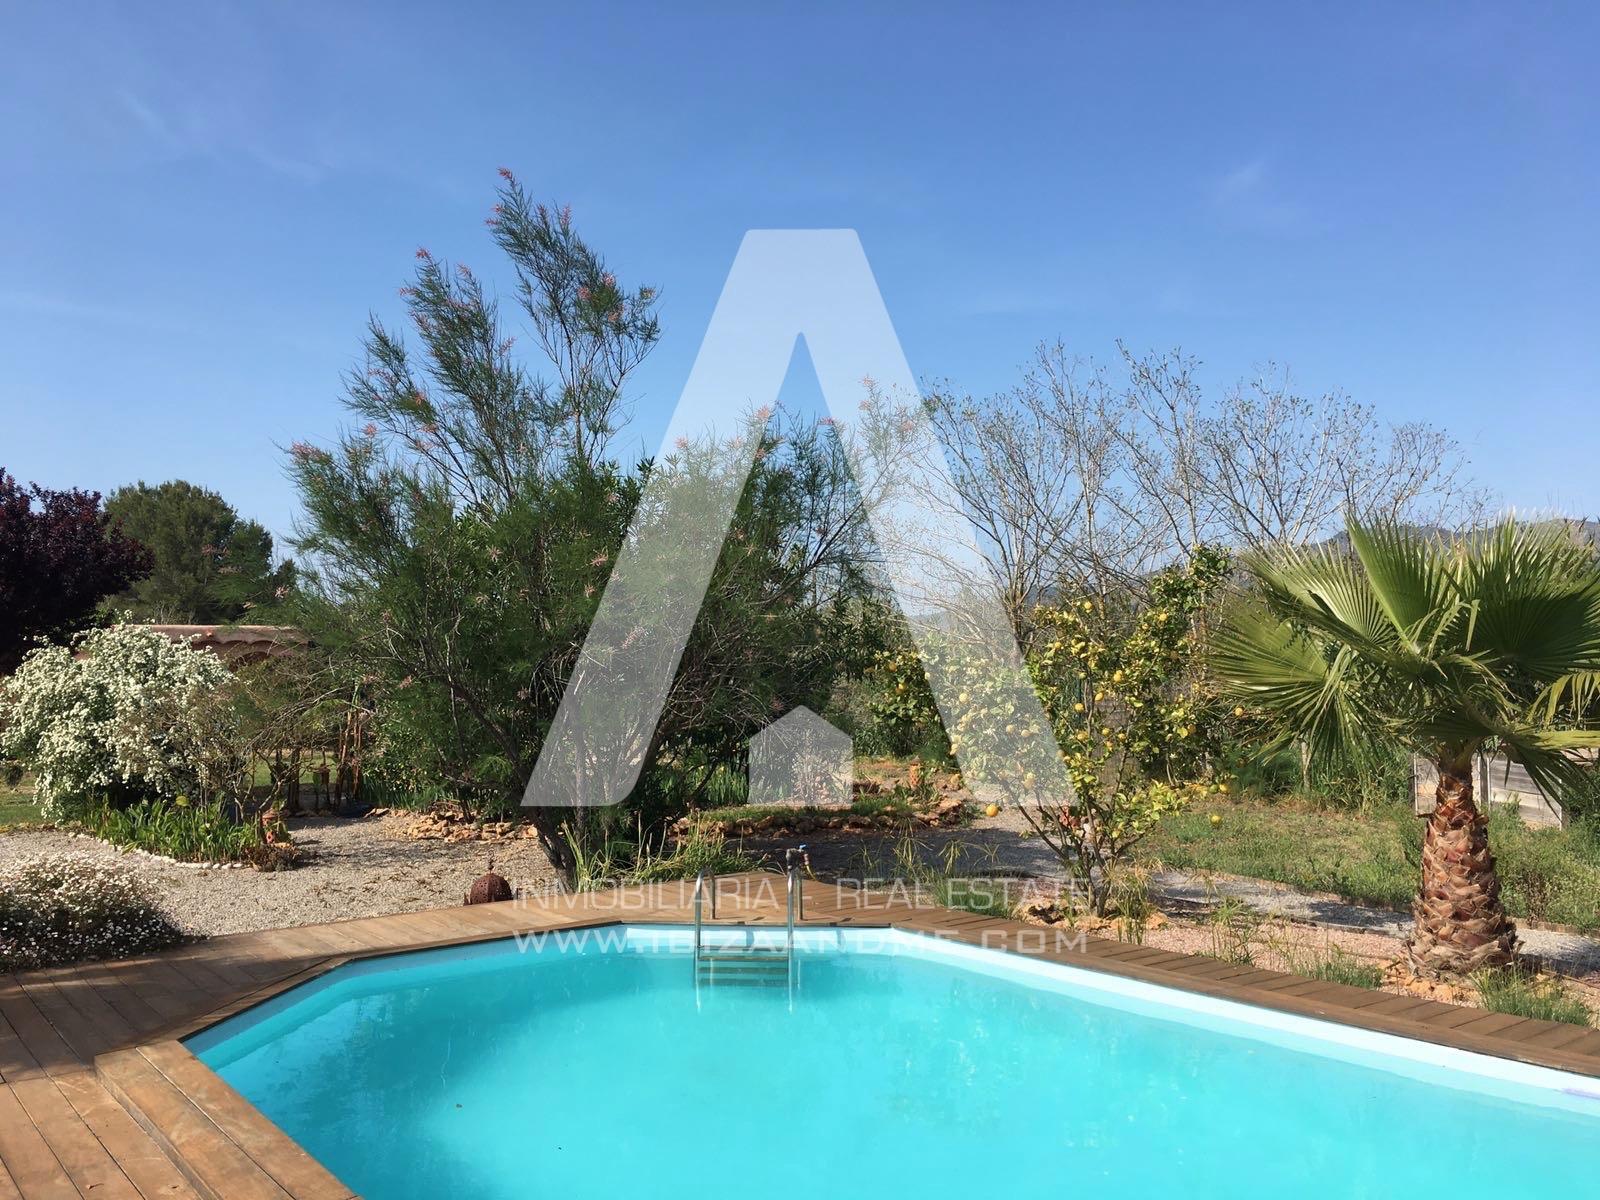 agua_25.Pool_6